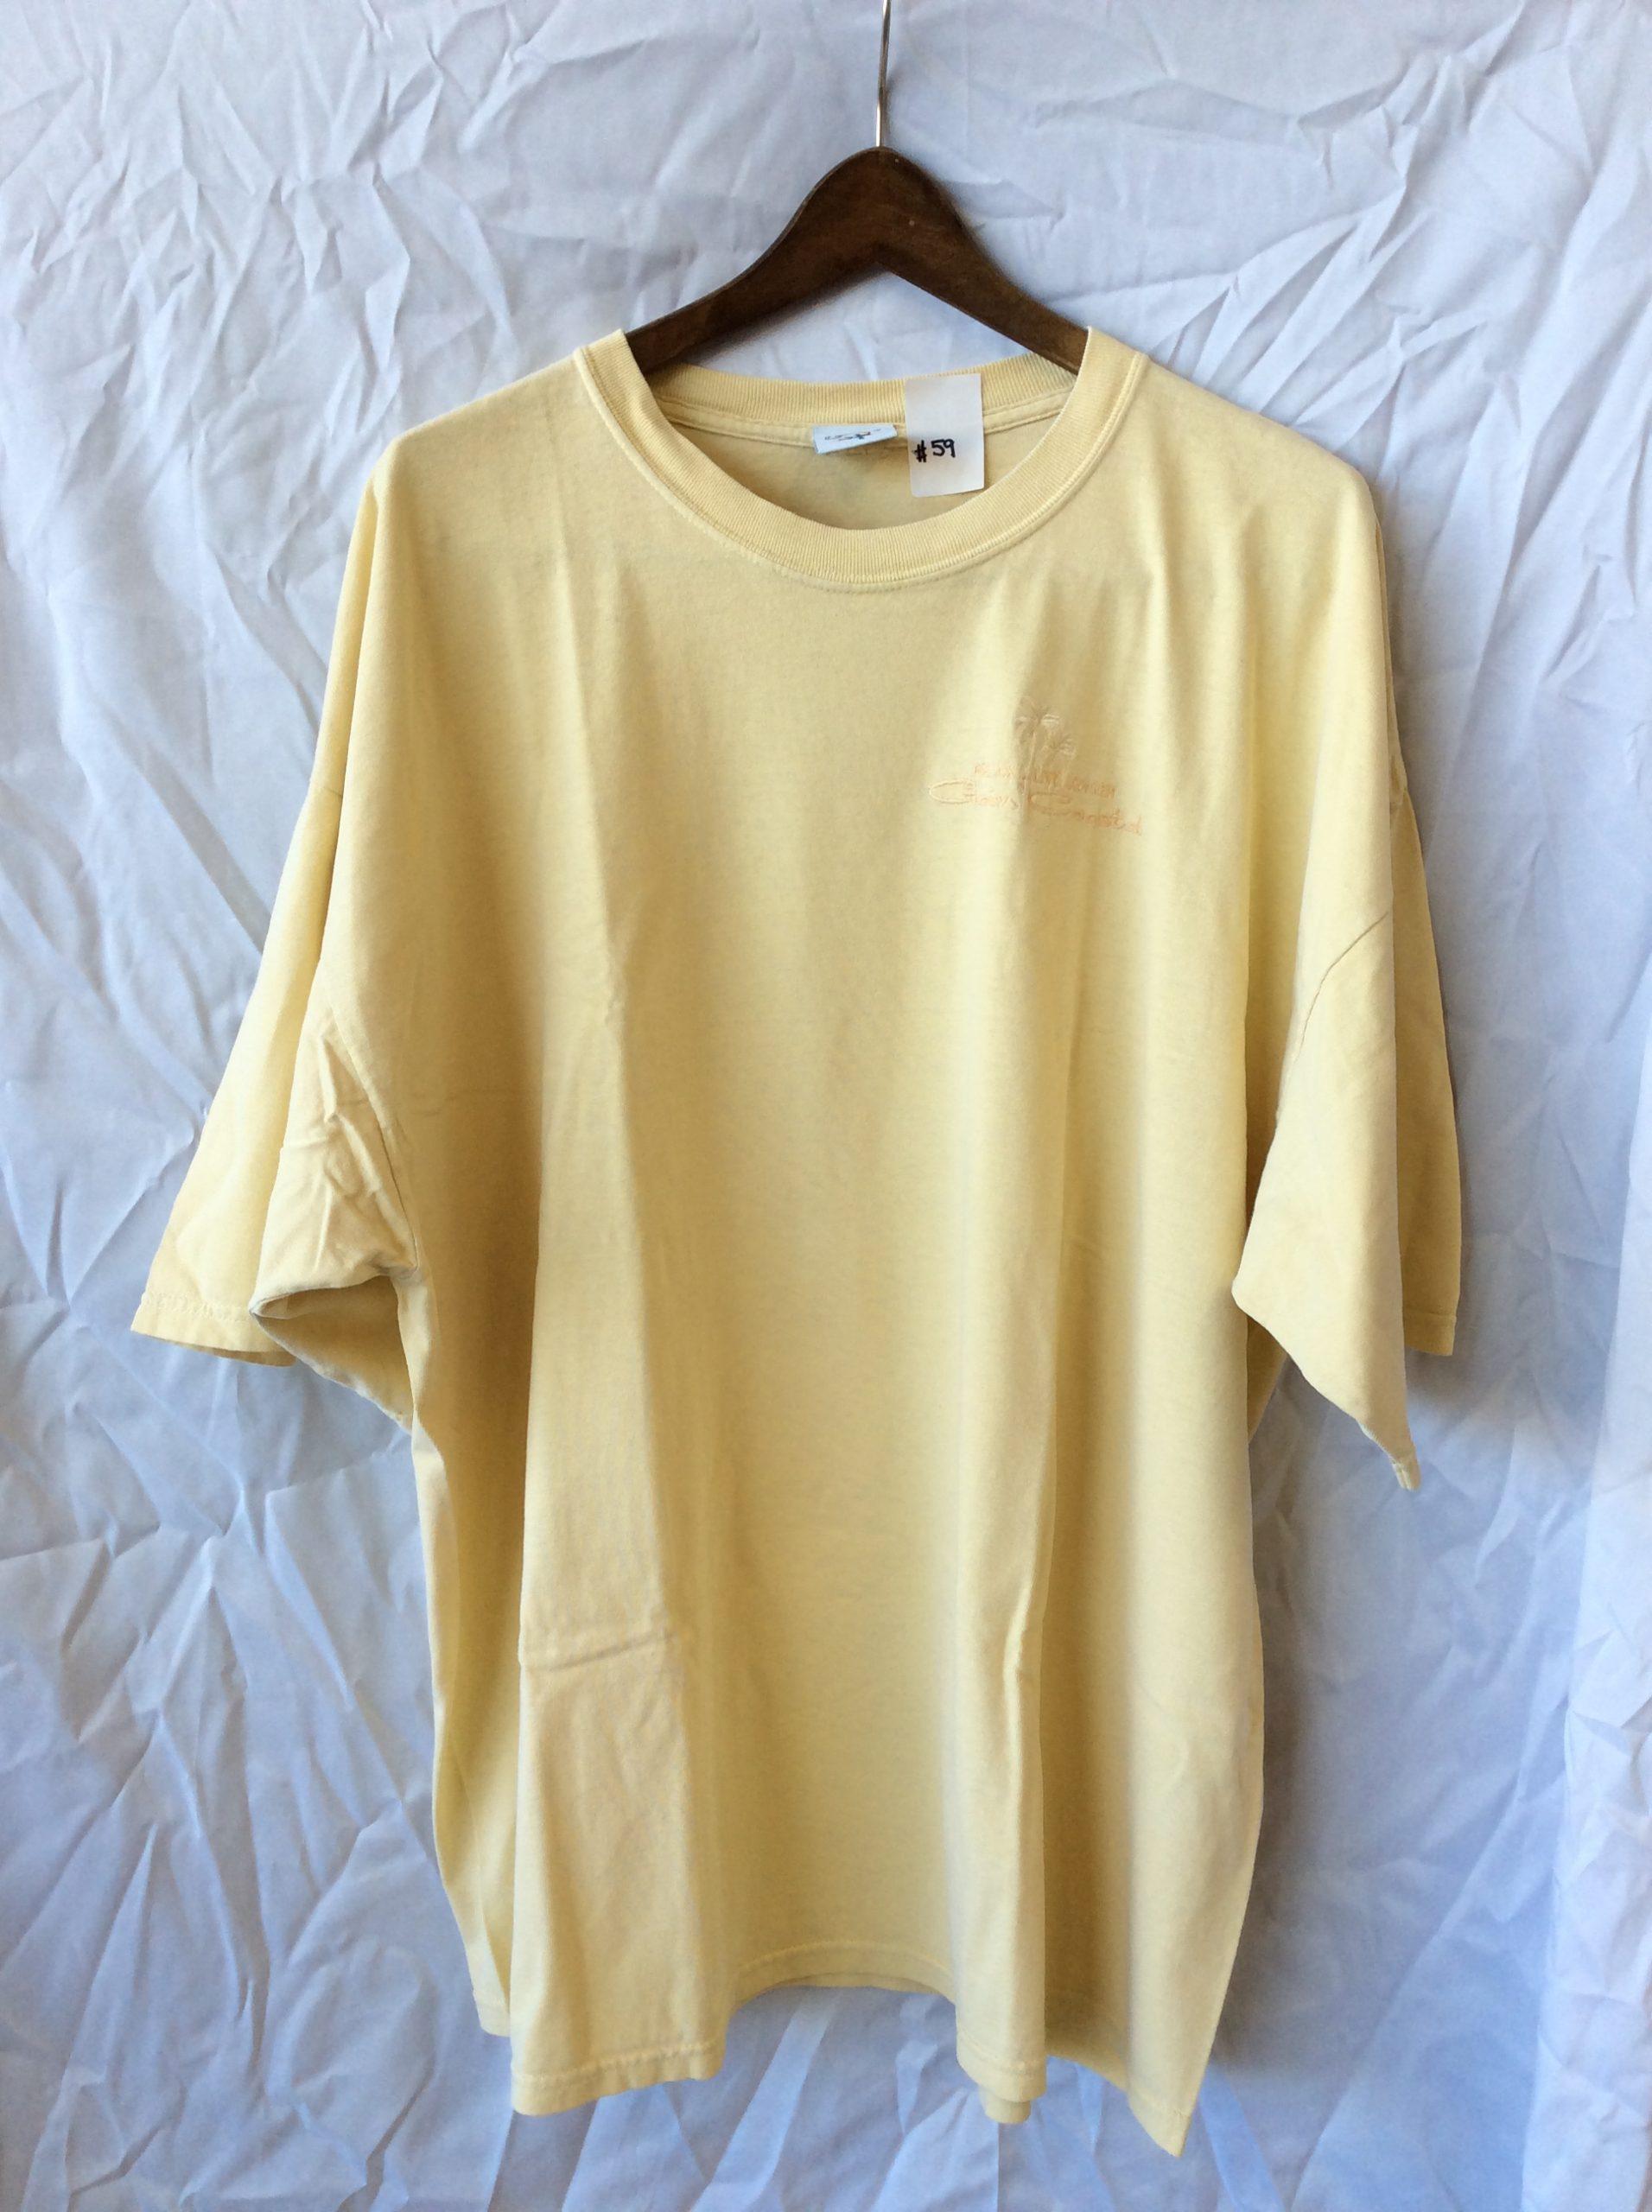 Women's yellow t-shirt, size 28